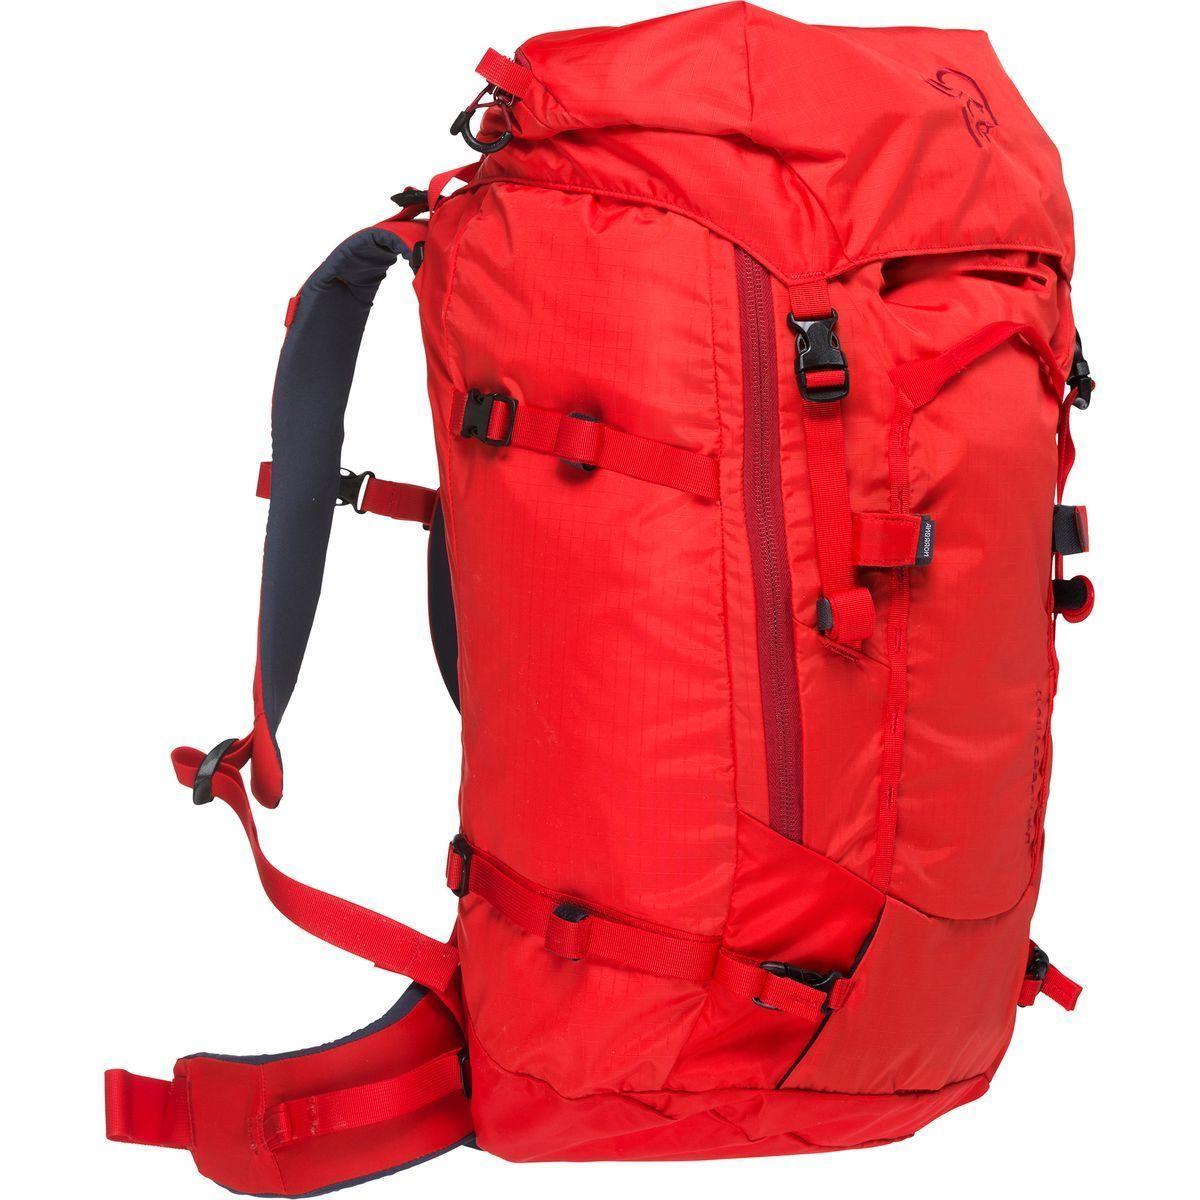 Norrona Trollveggen 40L Backpack - Women's